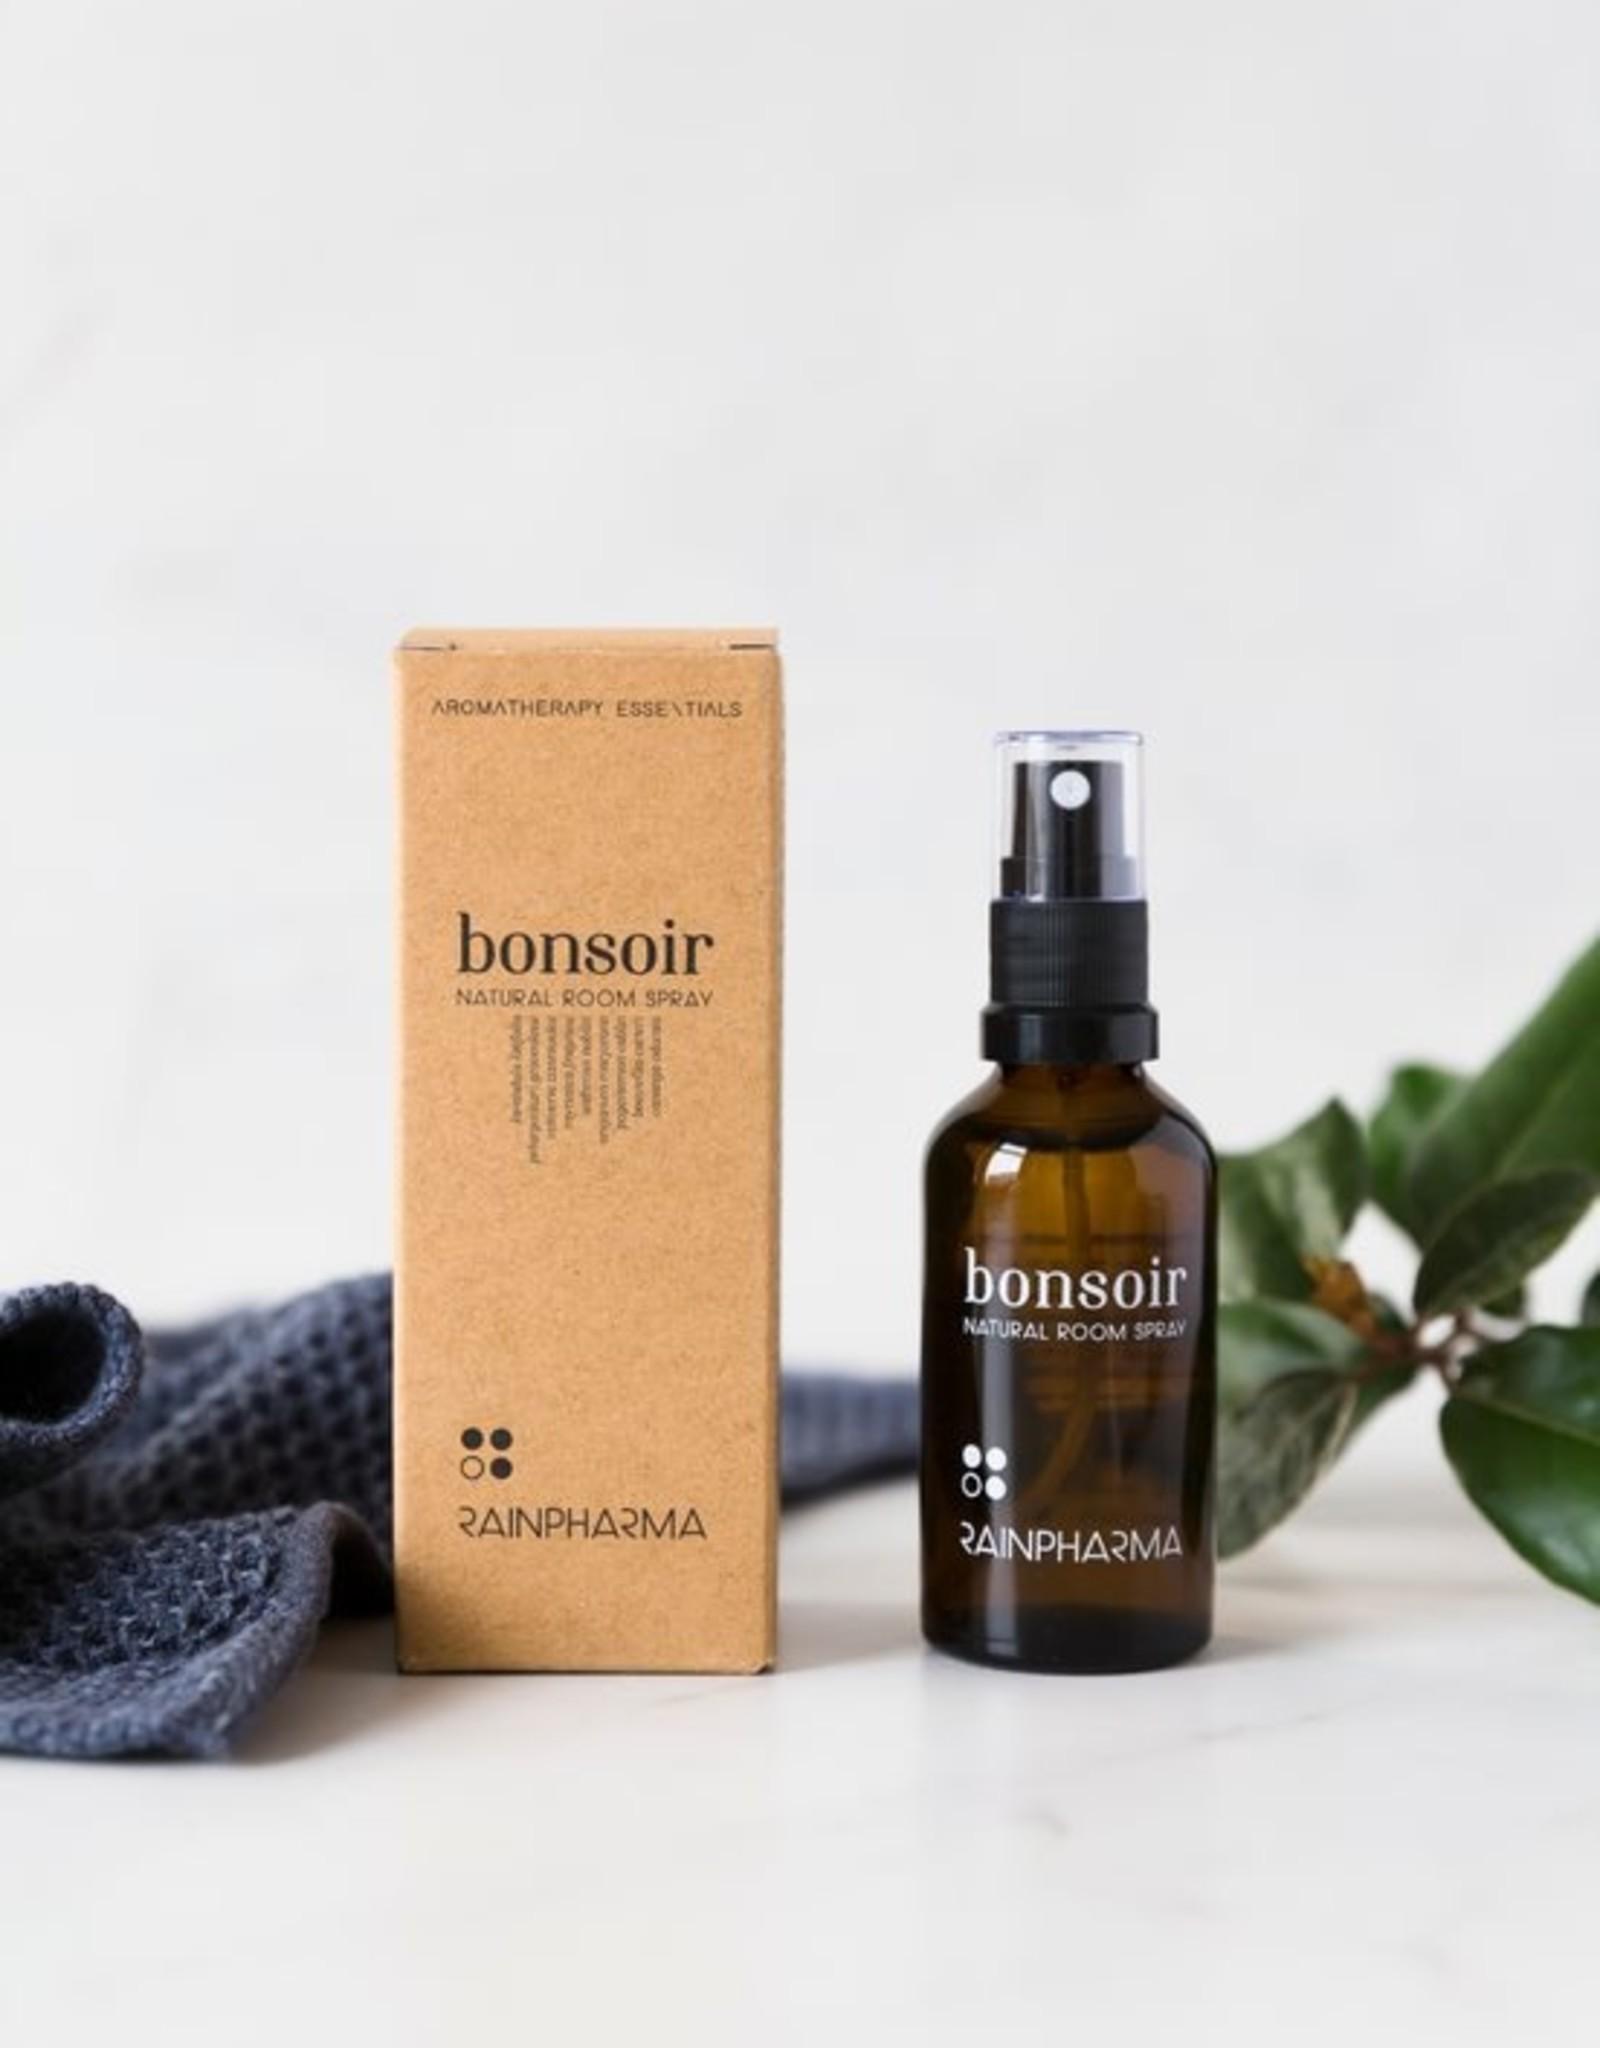 RainPharma Natural Room Spray Bonsoir 50ml - Rainpharma